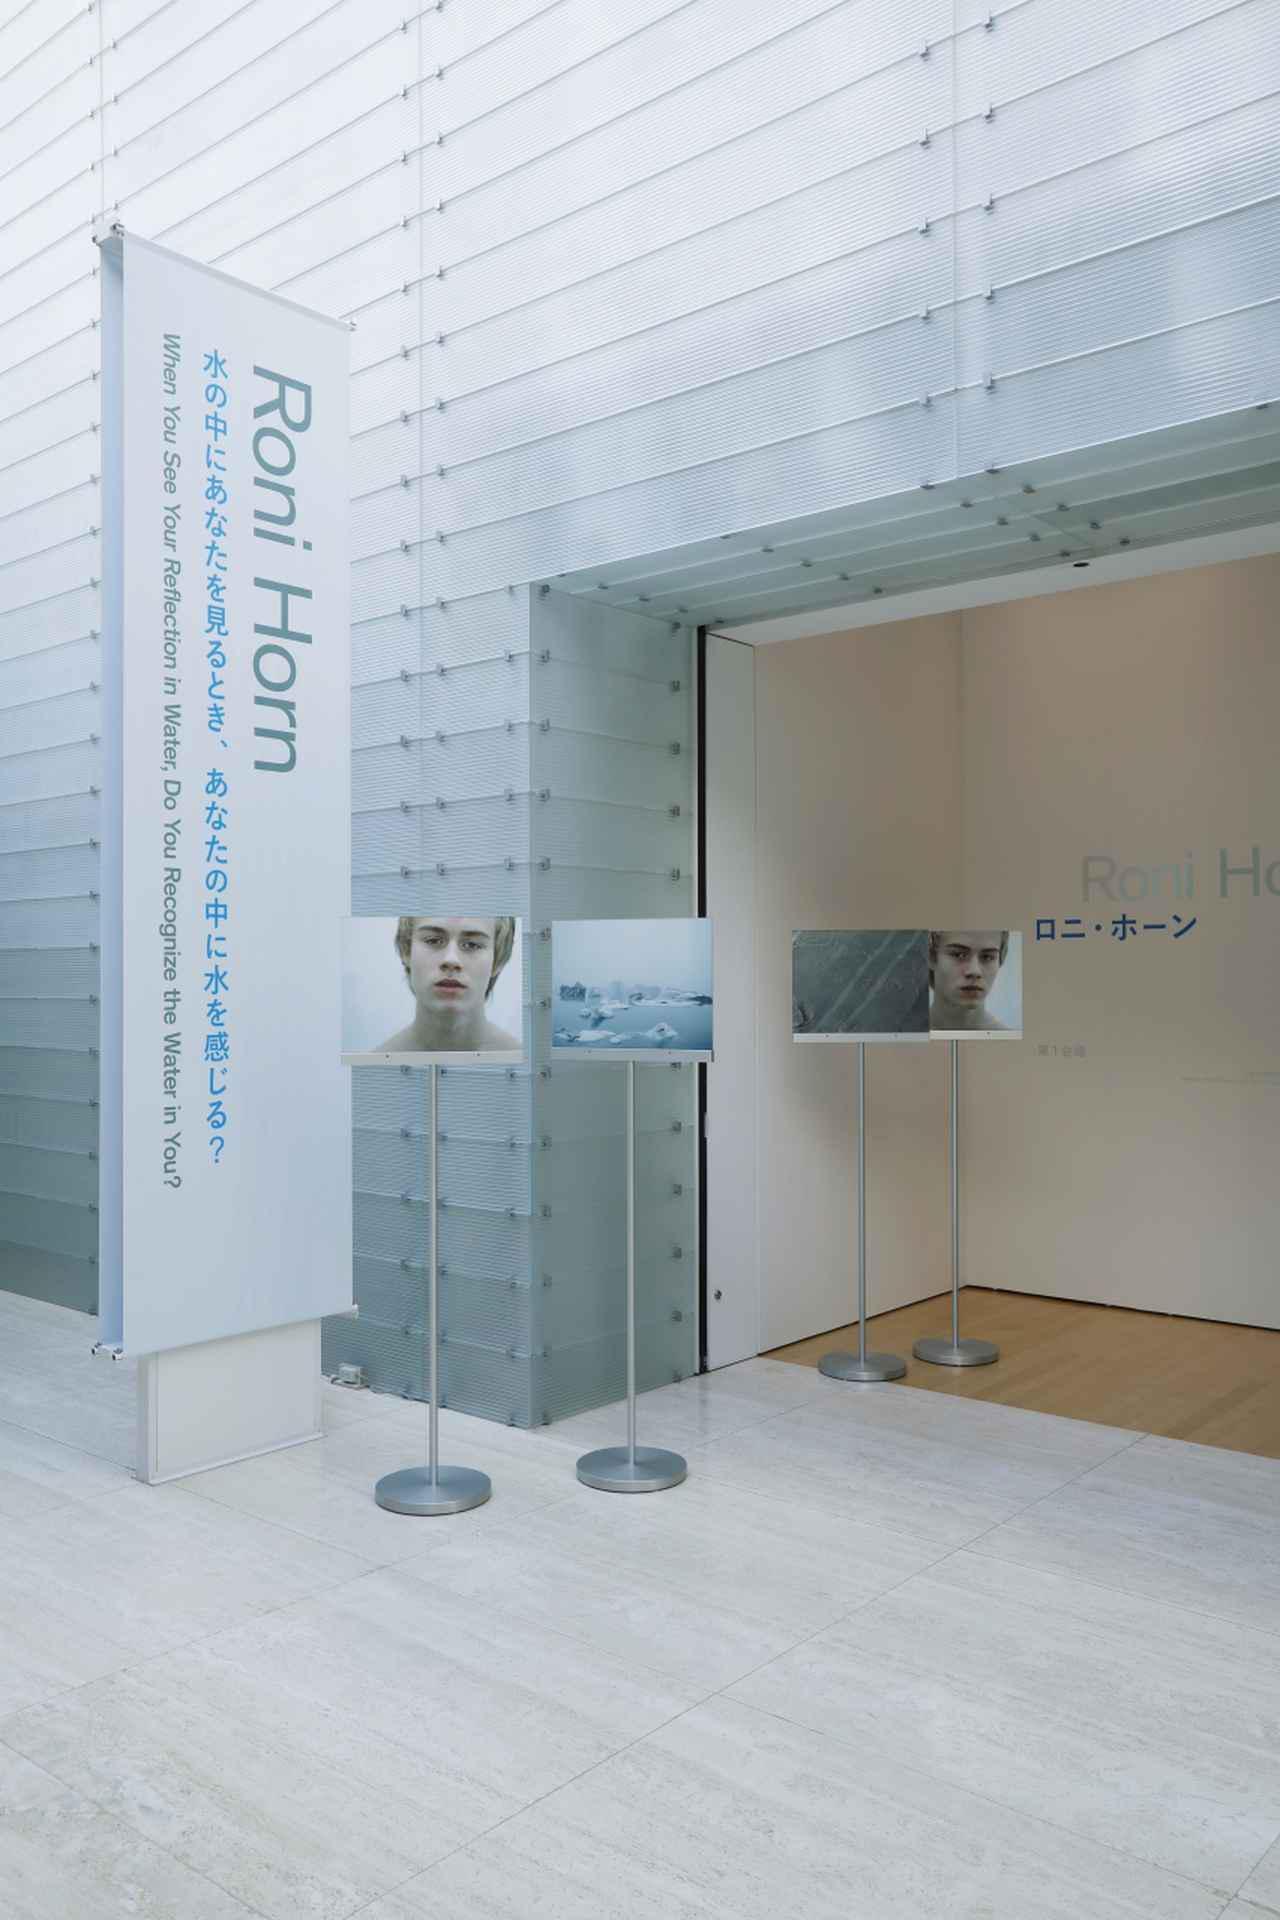 画像: 《水による疑い(どうやって)》(部分) 2003-2004年12点のピグメント・プリント(6組)メッキされたアルミニウムの支柱、アクリルのグレージングCourtesy of the artist and Hauser &Wirth © RoniHorn Photo: Koroda Takeru